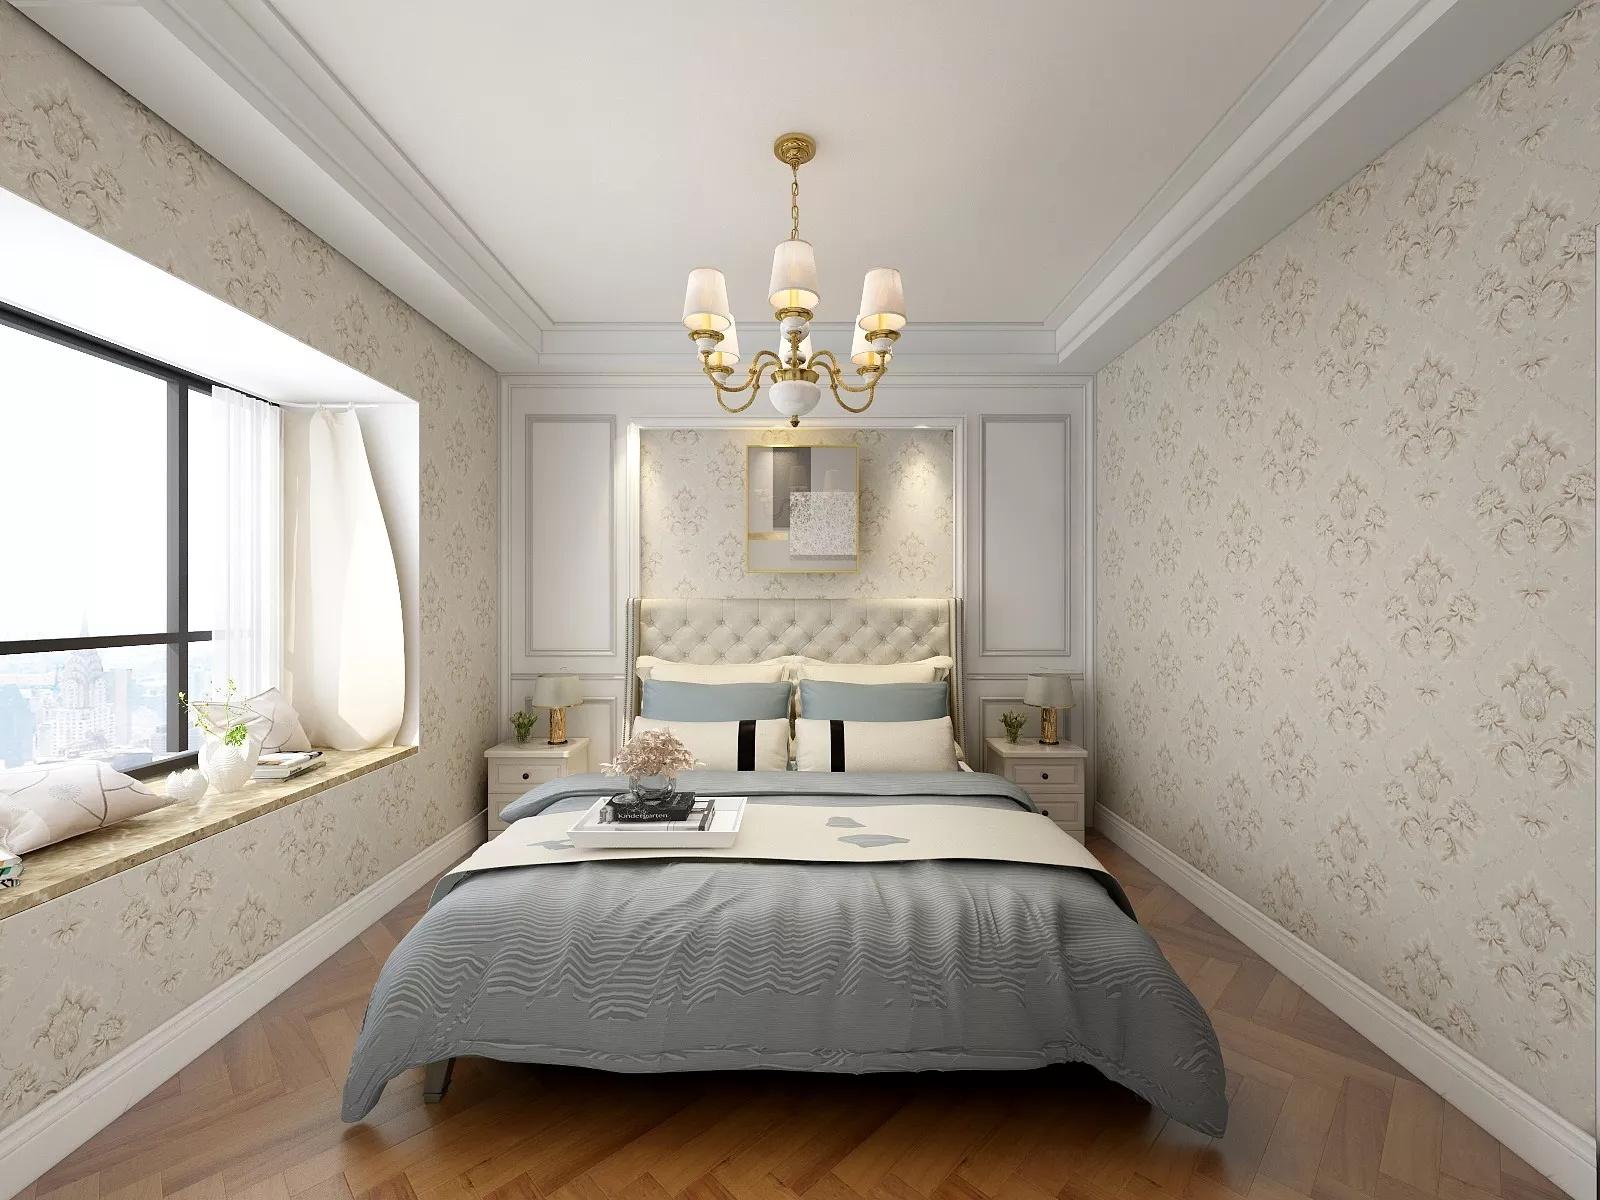 简欧风格客厅装修有什么特点?